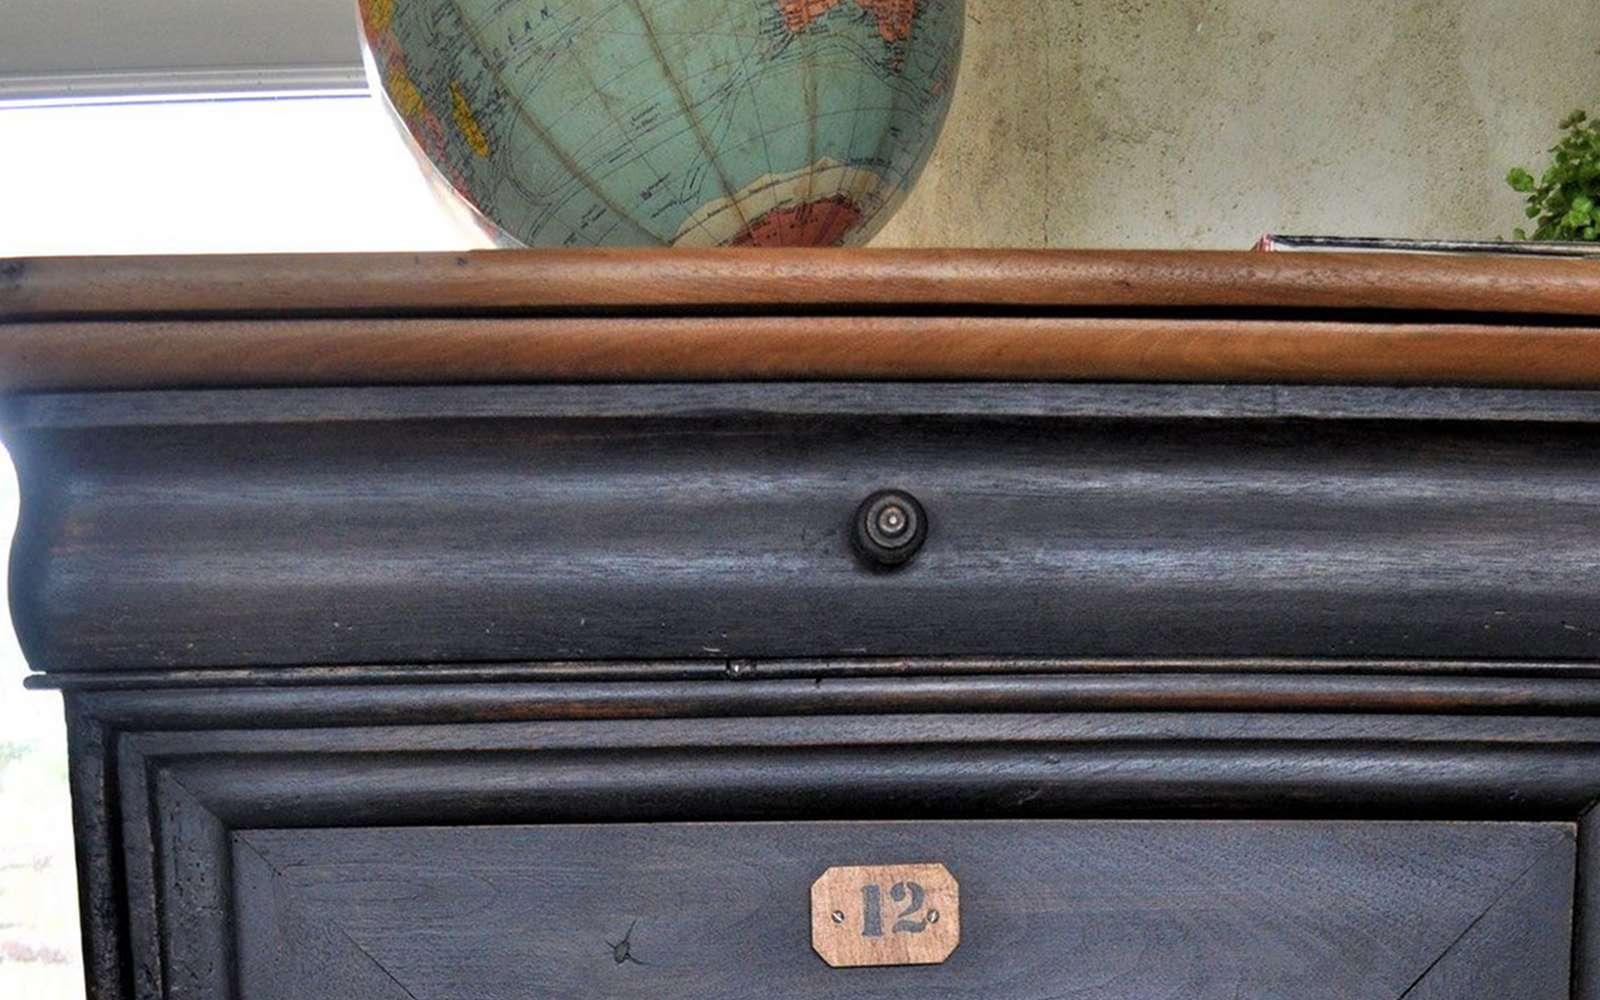 Plateau, baguette... la forme en S de la doucine offre une ligne douce et harmonieuse au mobilier. La doucine est caractéristique des meubles de style Louis-Philippe.